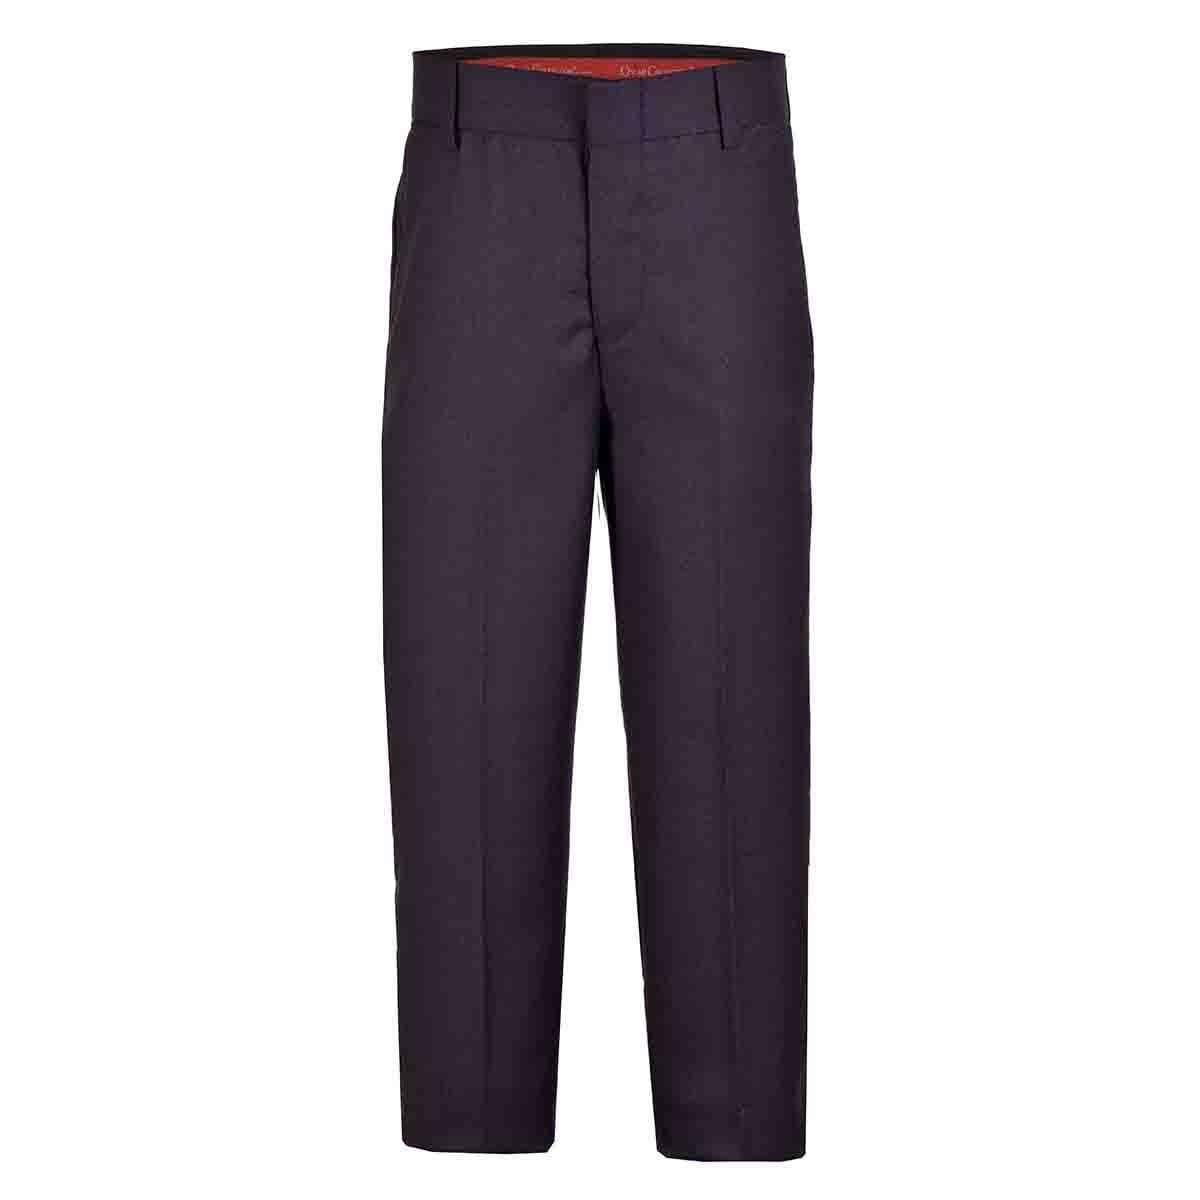 Pantalon de Vestir Oscar Collection